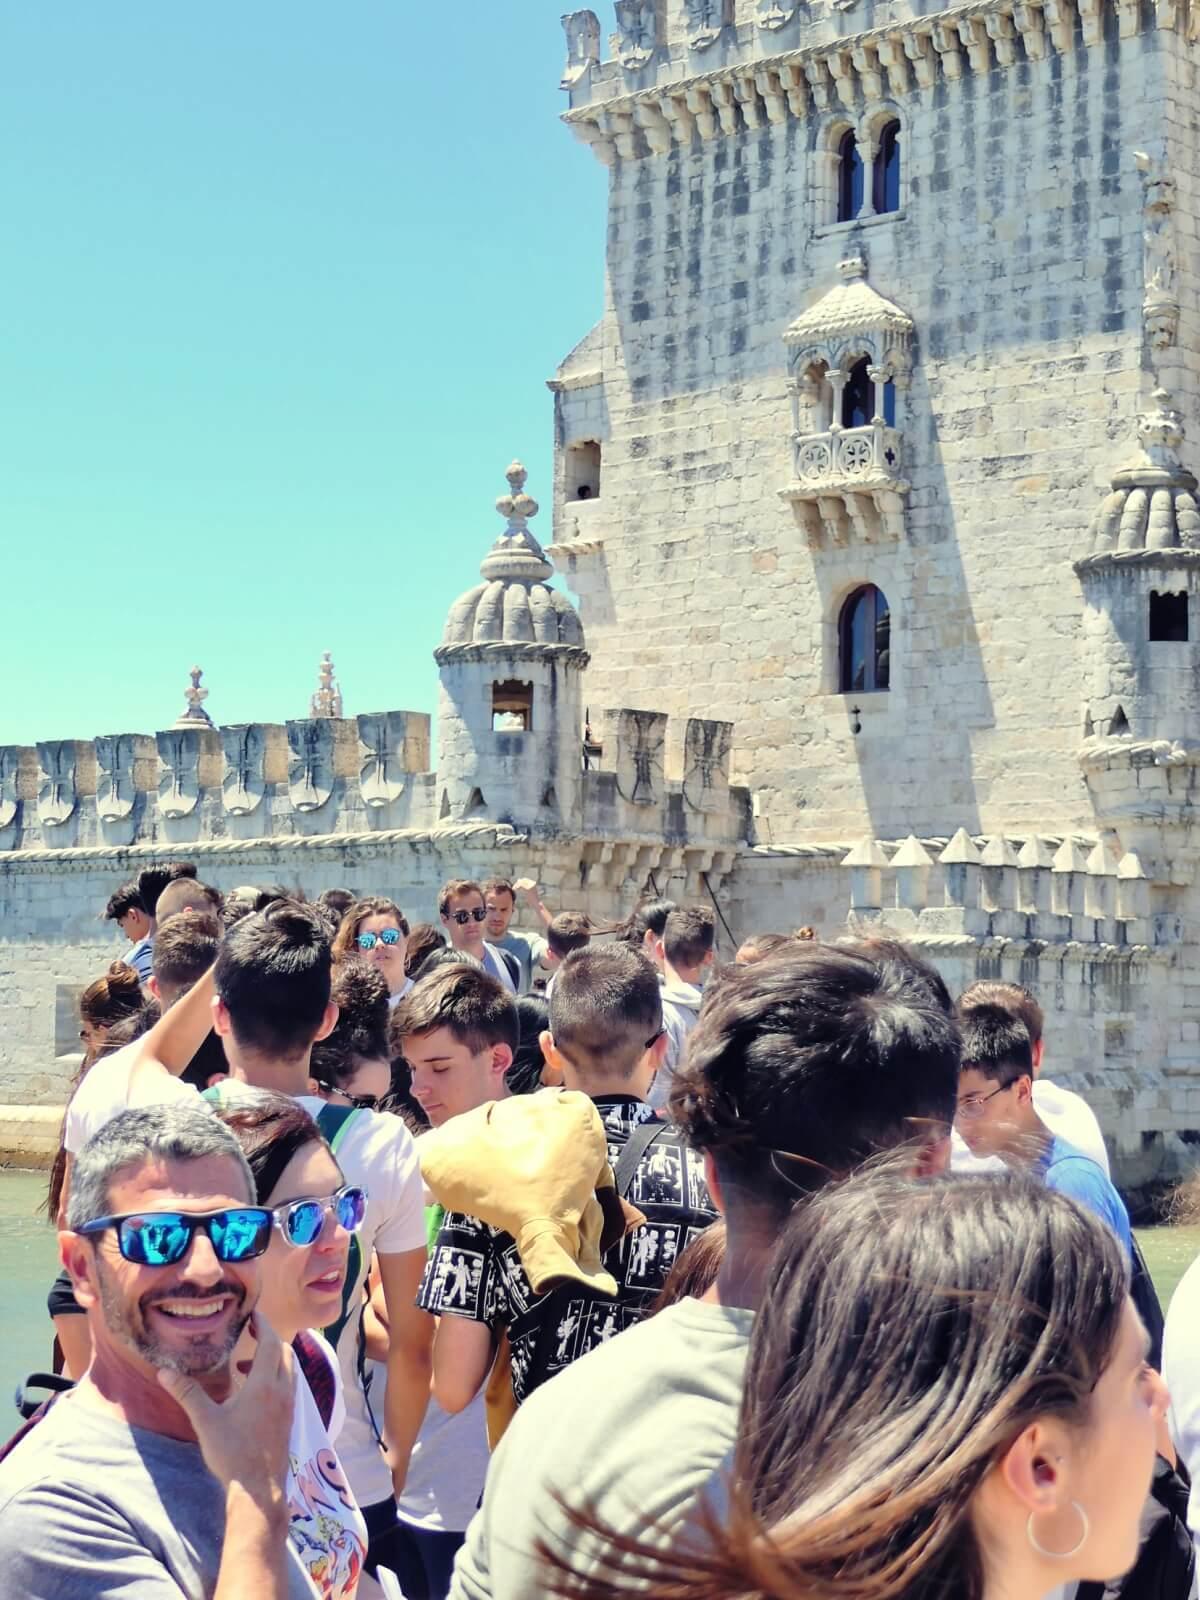 Kolejka do wieży Belem w Lizbonie.